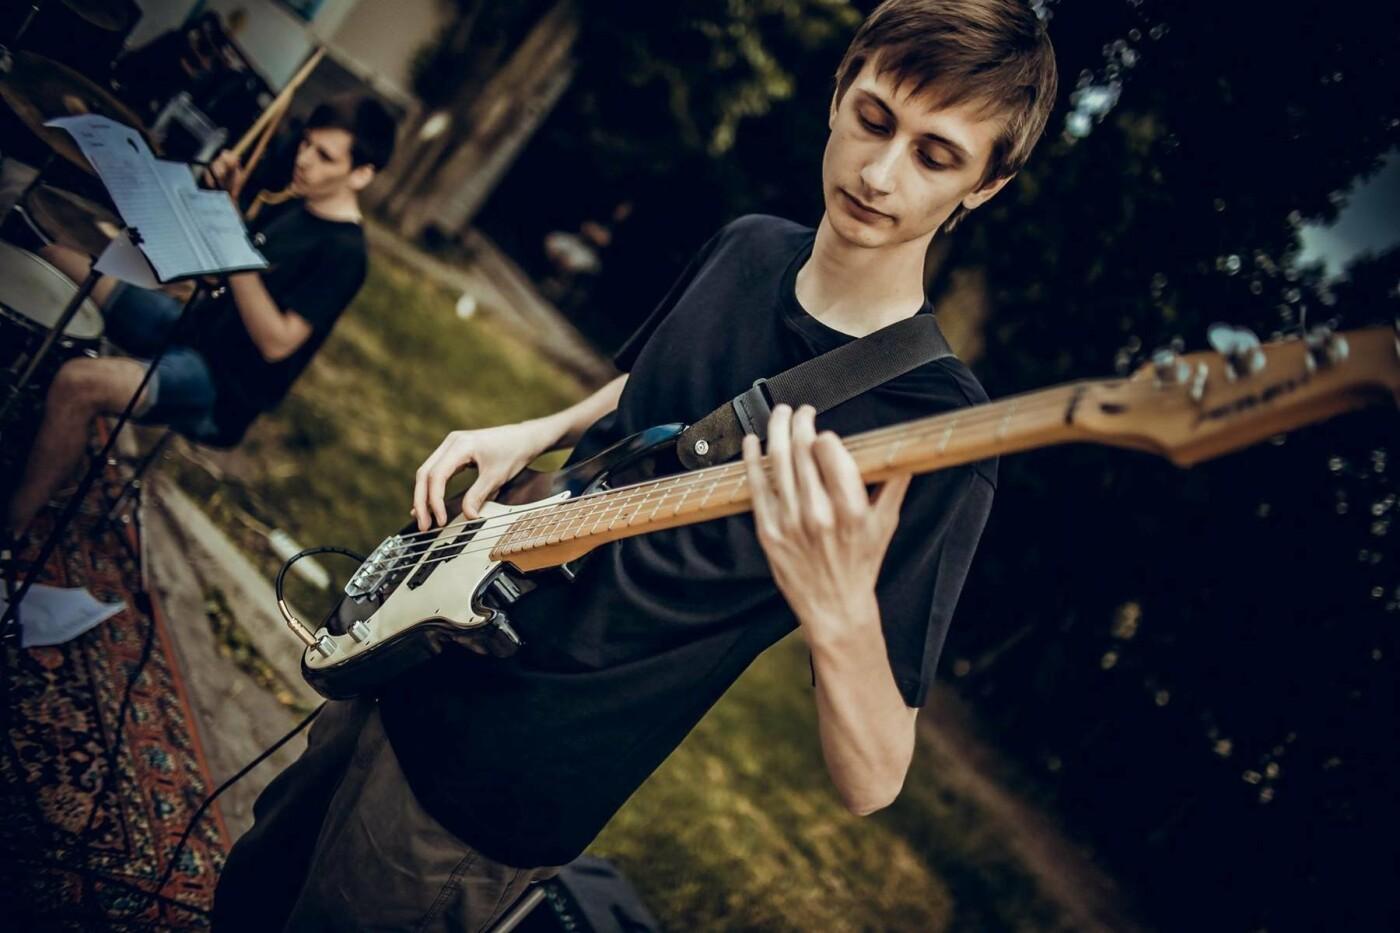 Чувственный инди-рок – фирменный стиль музыкантов из черноморской группы Mistral', фото-2